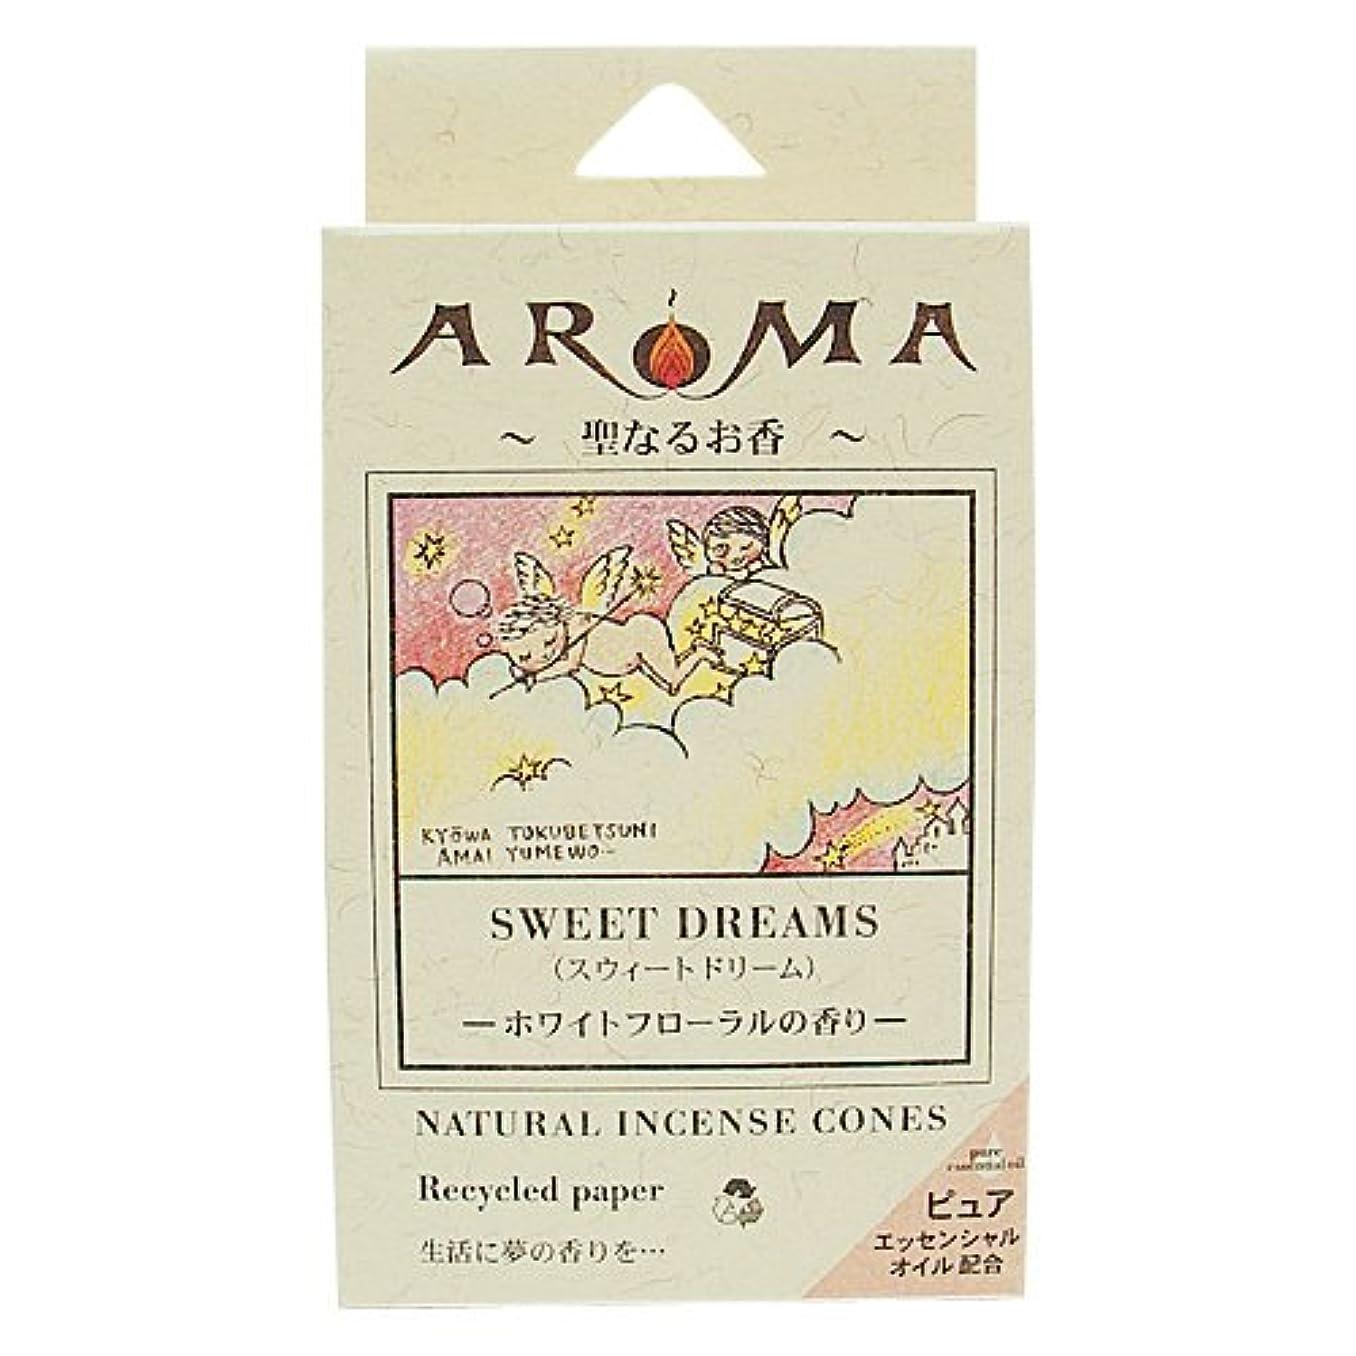 息を切らしての配列想起アロマ香 スウィートドリーム 16粒(コーンタイプインセンス 1粒の燃焼時間約20分 ホワイトフローラルの香り)